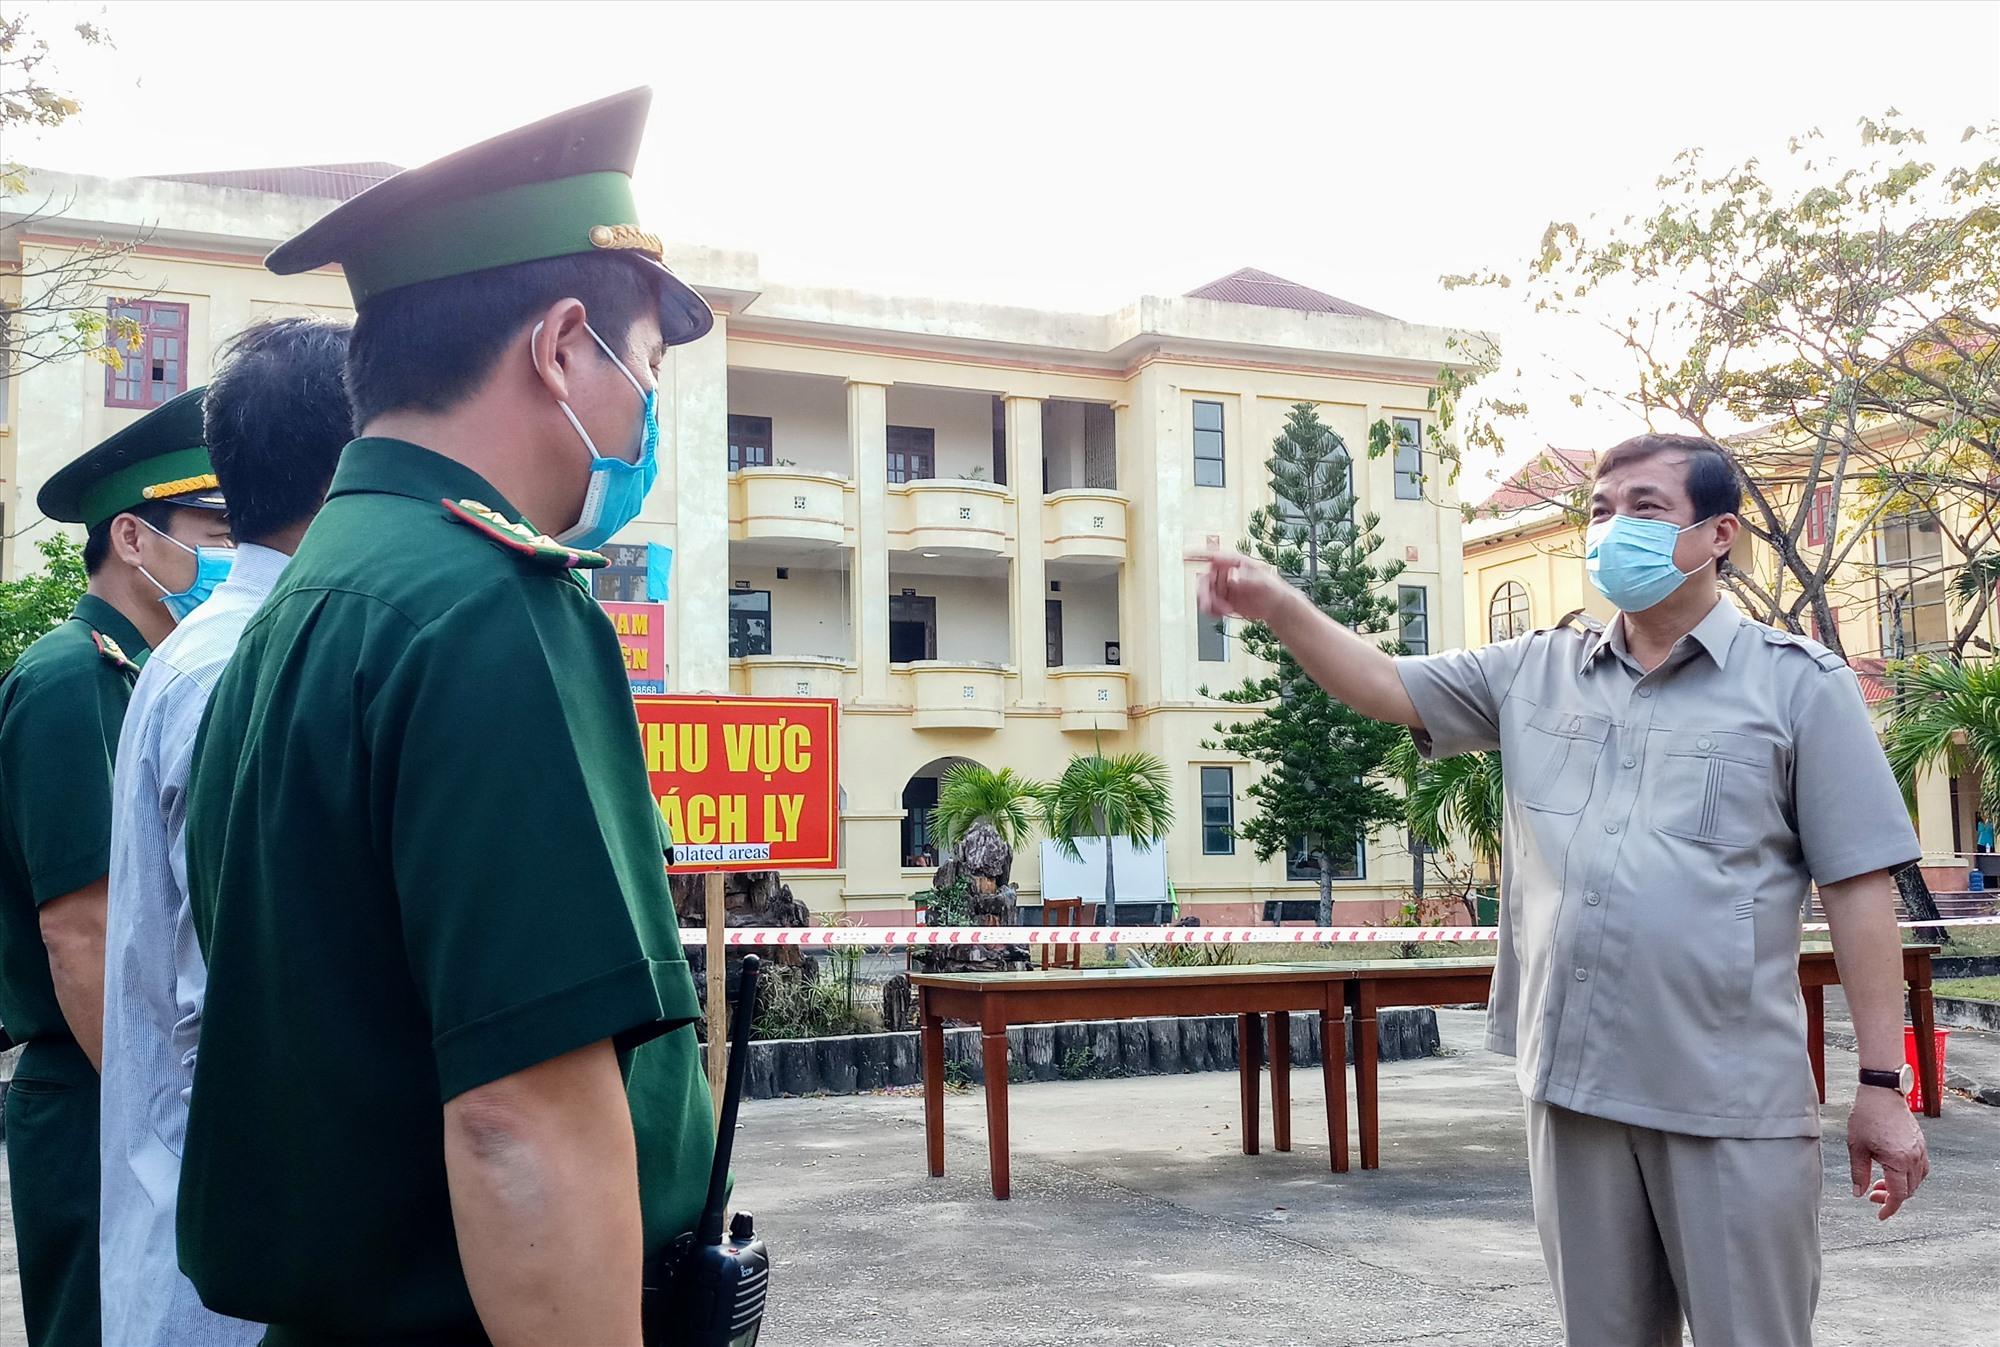 Bí thư Tỉnh ủy Phan Việt Cường động viên câc cân bôh, chiến sĩ biên phòng và nhân viên y tế làm nhiệm vụ tain khu cách ly nhân buổi đến kiểm tra thực tế. Ảnh: A.N